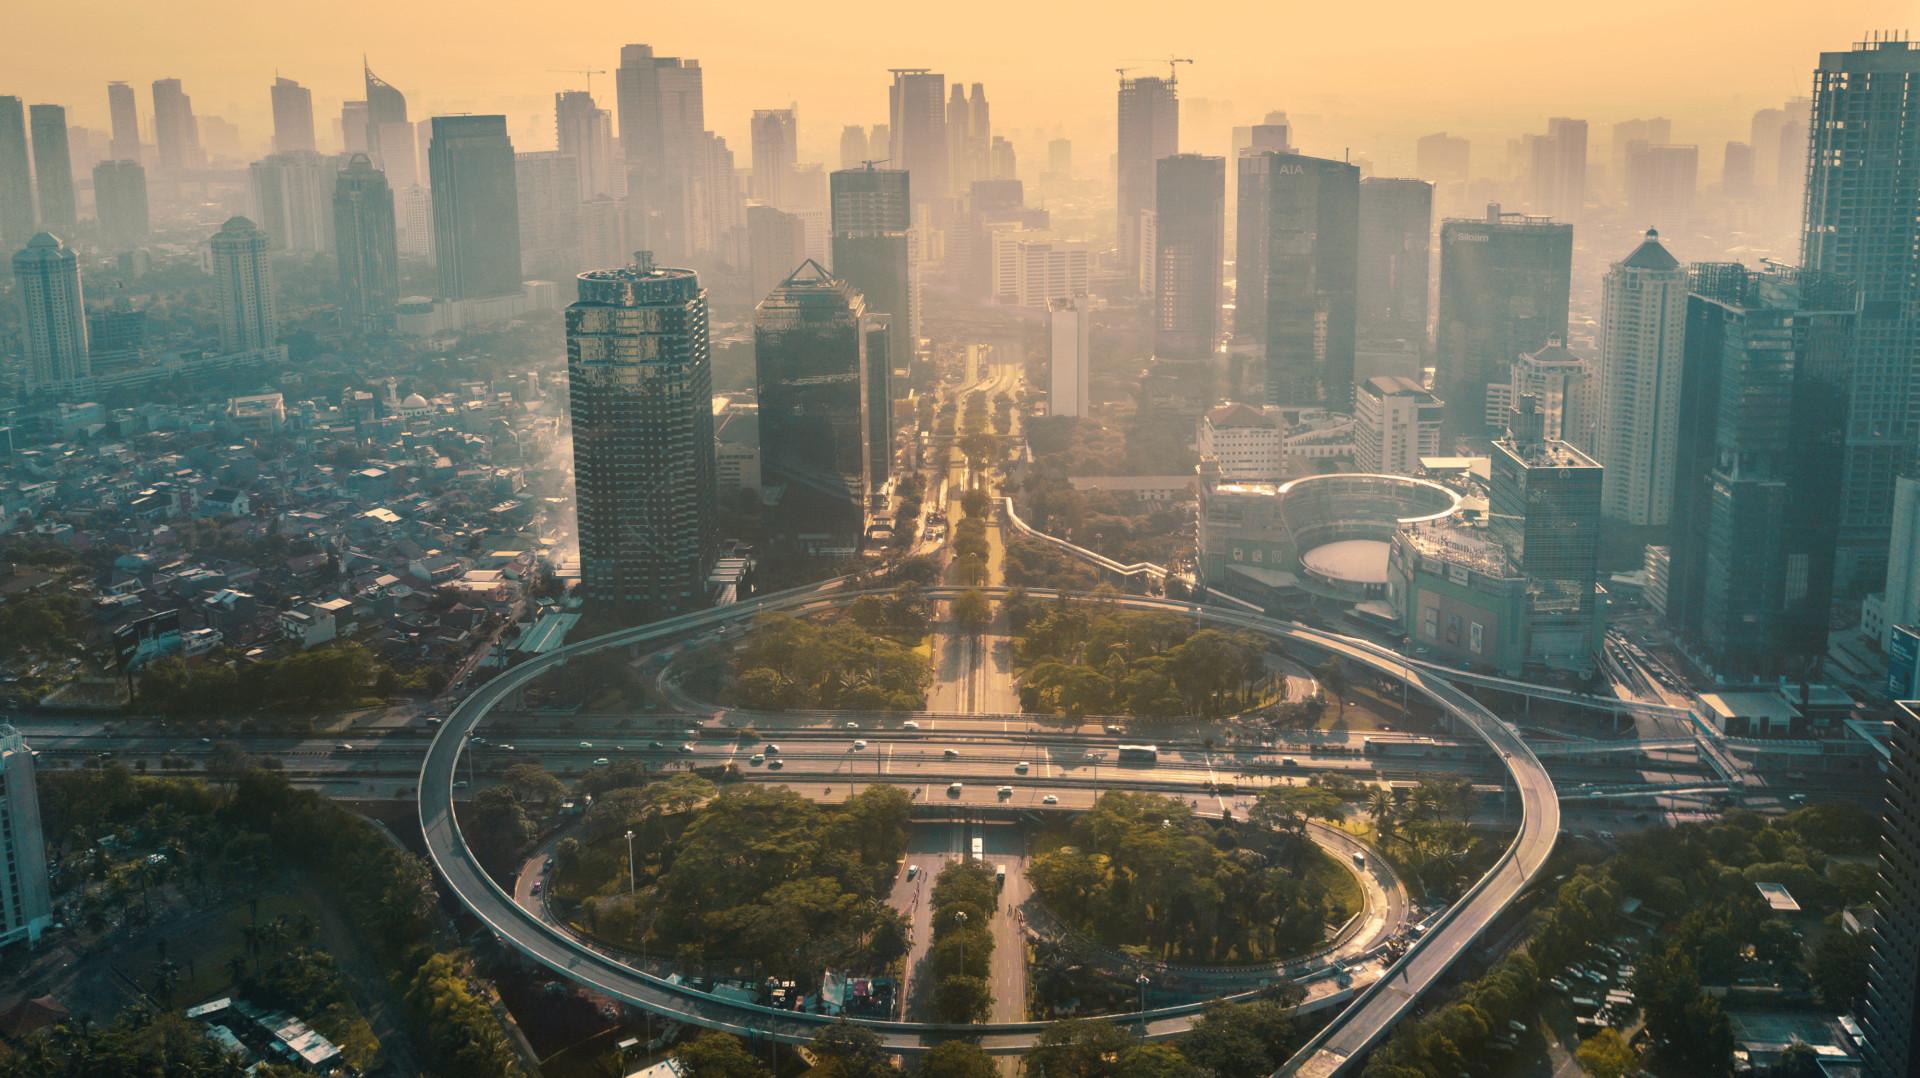 Caótico é dizer pouco. As cidades que têm mais trânsito